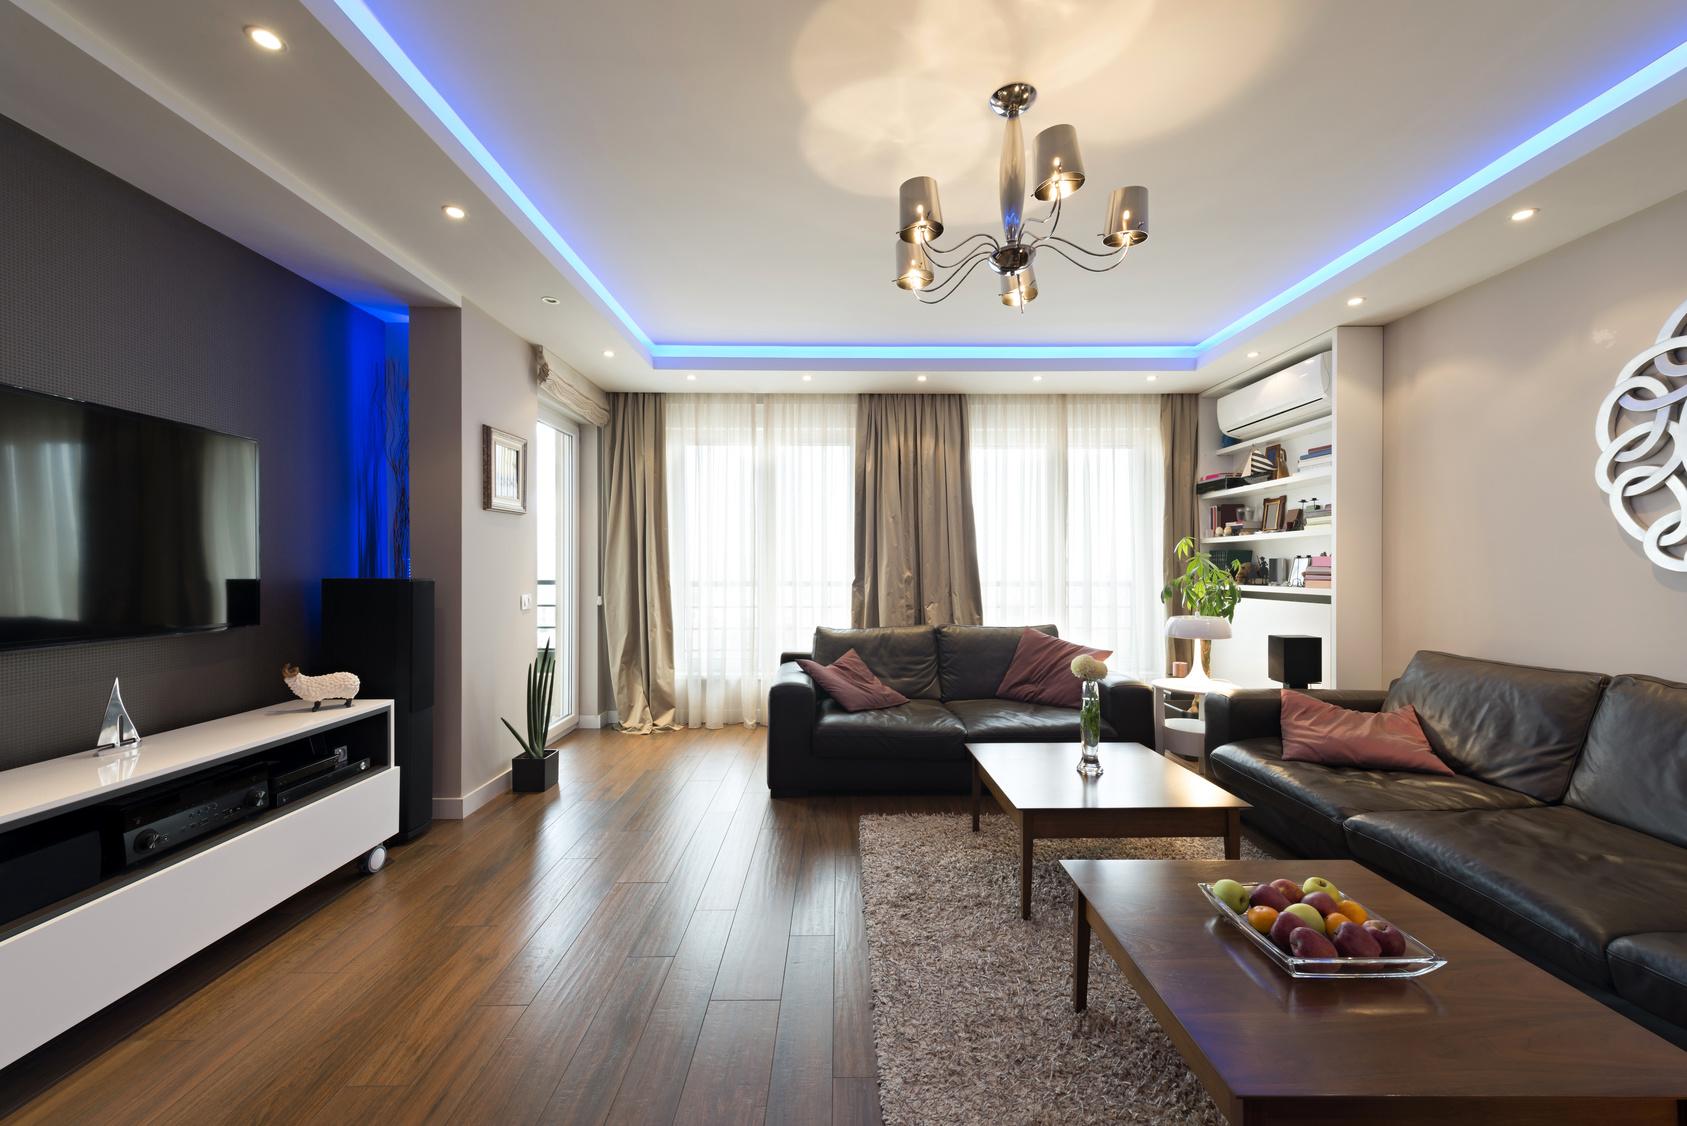 Mood Lighting Living Room Change The Mood Room Lighting Tips For Your Home